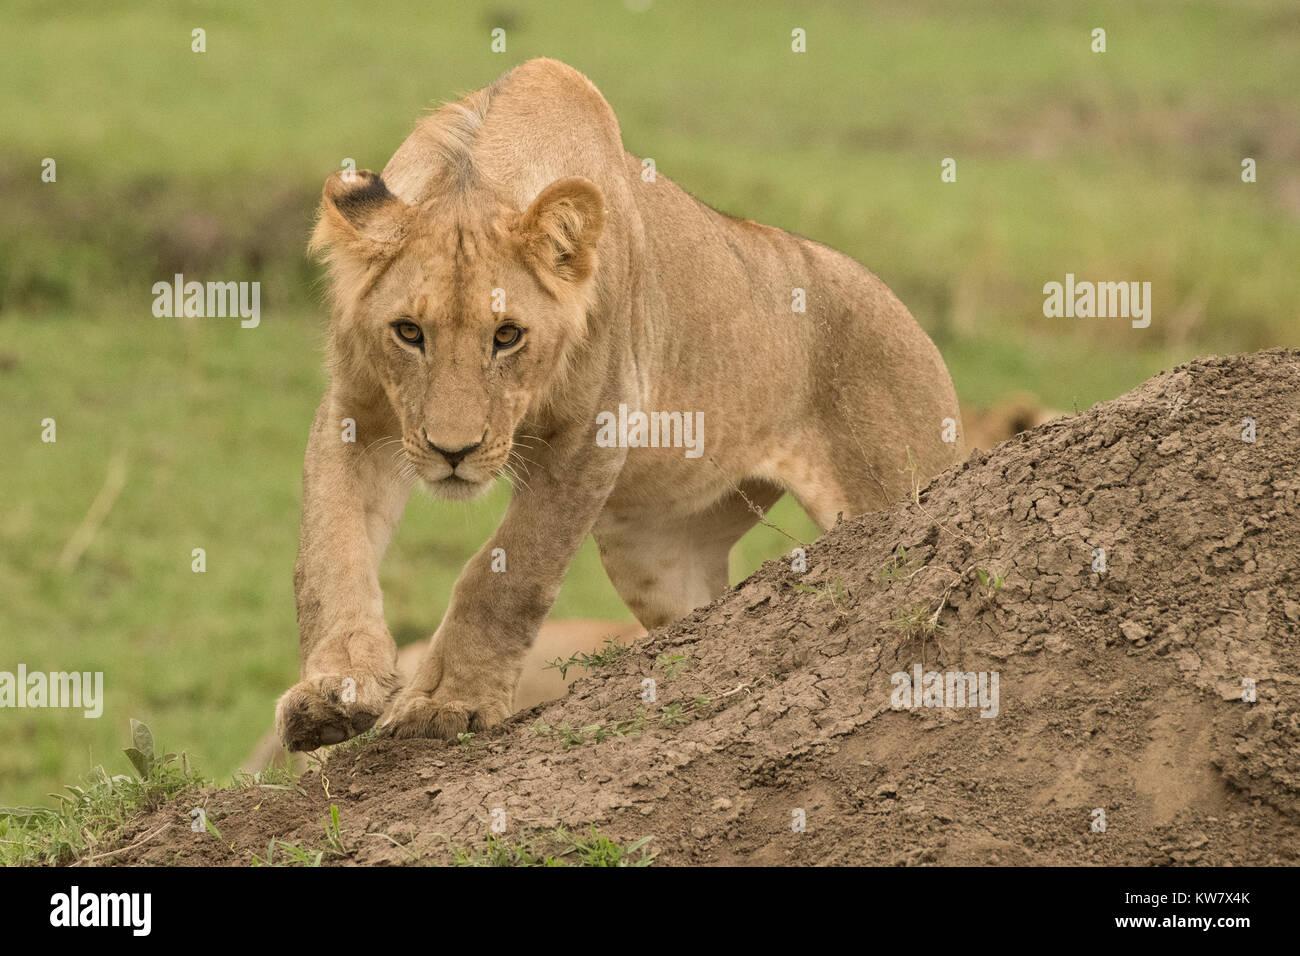 Lion (Panthera leo)  cub about to pounce - Stock Image